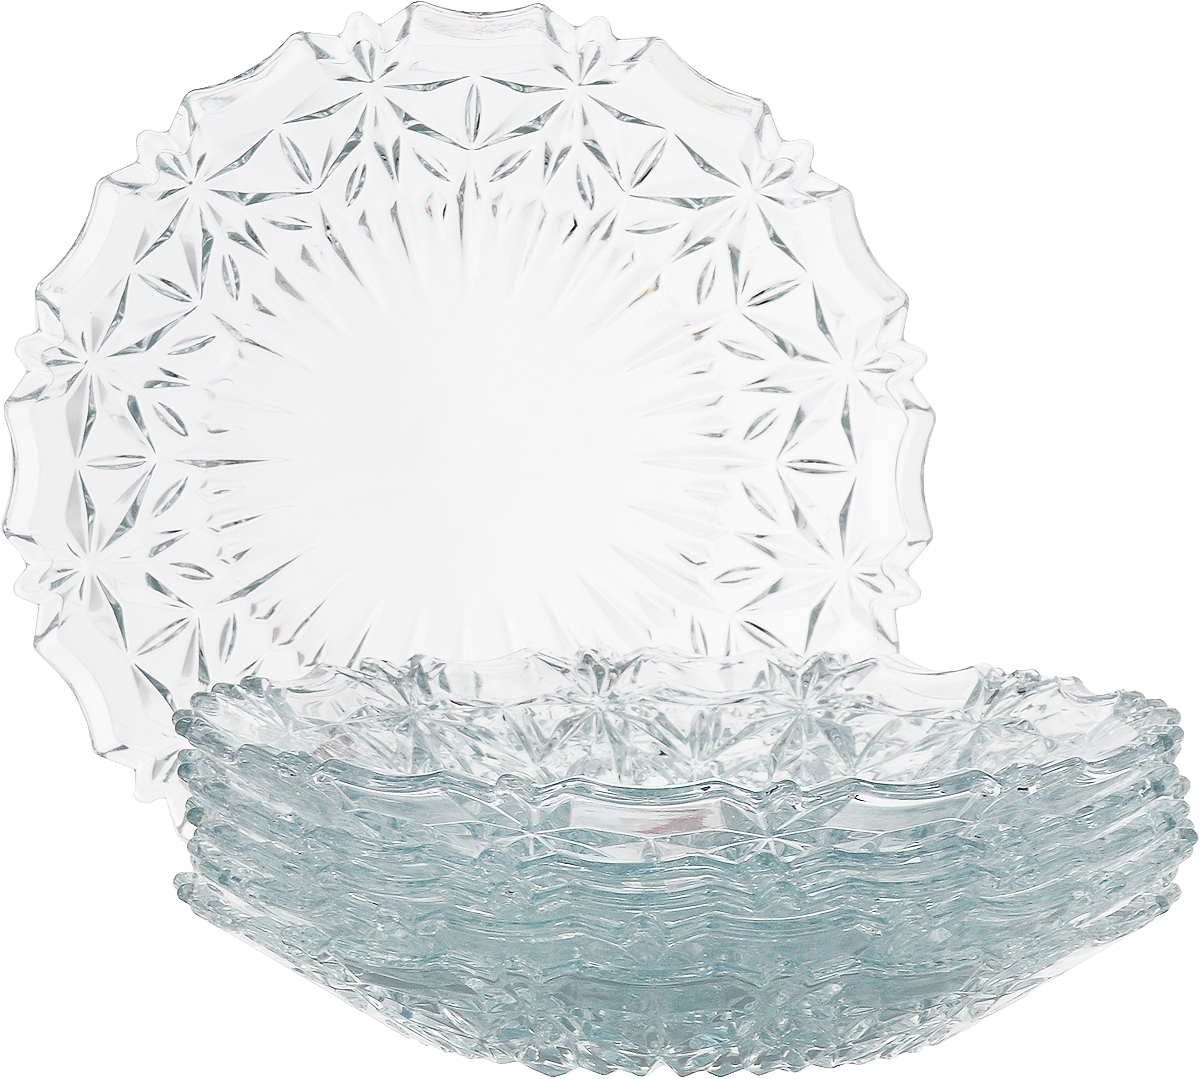 Набор из 6-ти тарелок высококачественного стекла, имеет изысканный внешний вид. Такая тарелка прекрасно подходит как для торжественных случаев, так и для повседневного использования.  Идеальна для подачи десертов, пирожных, тортов и многого другого. Она прекрасно оформит стол и станет отличным дополнением к вашей коллекции кухонной посуды.